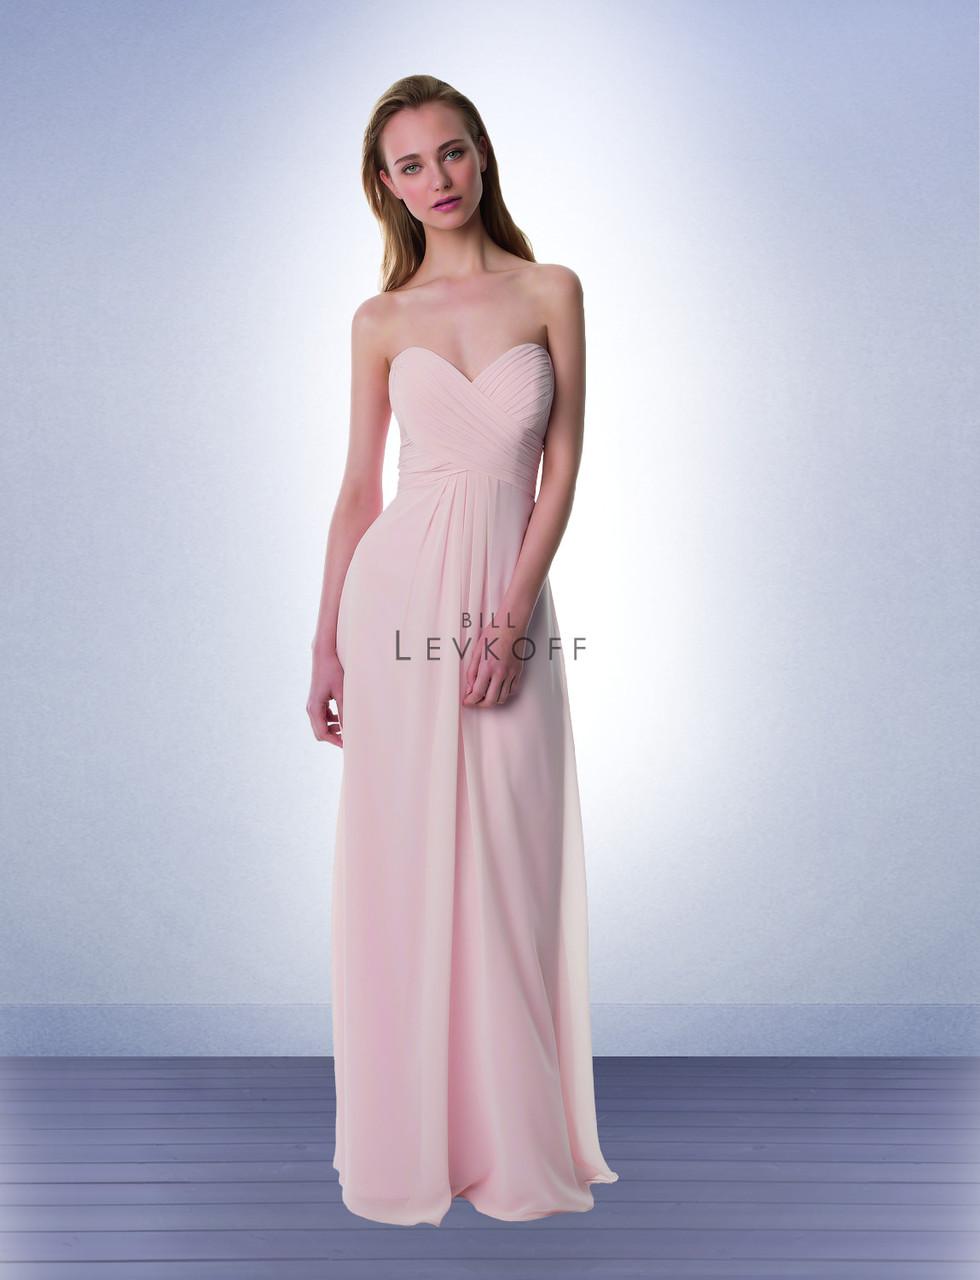 fa4af14ef98 Designer Bill Levkoff Bridesmaid Dress Style 976 - Chiffon Dress